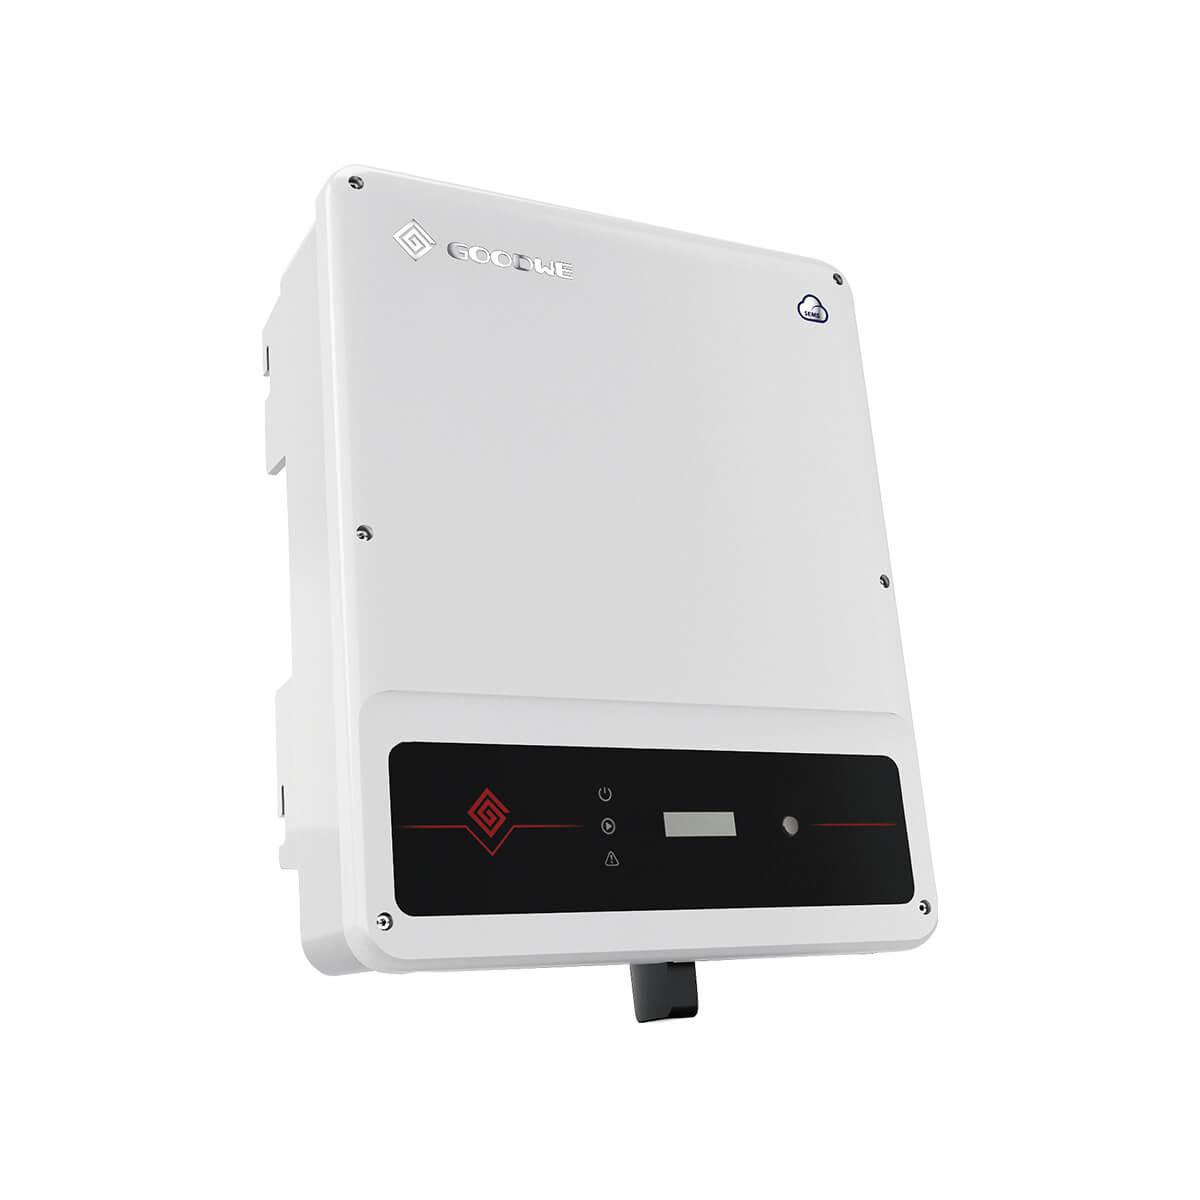 goodwe 5kW trifaz inverter, goodwe gw5k-dt 5kW trifaz inverter, goodwe gw5k-dt trifaz inverter, goodwe gw5k-dt, goodwe 5 kW